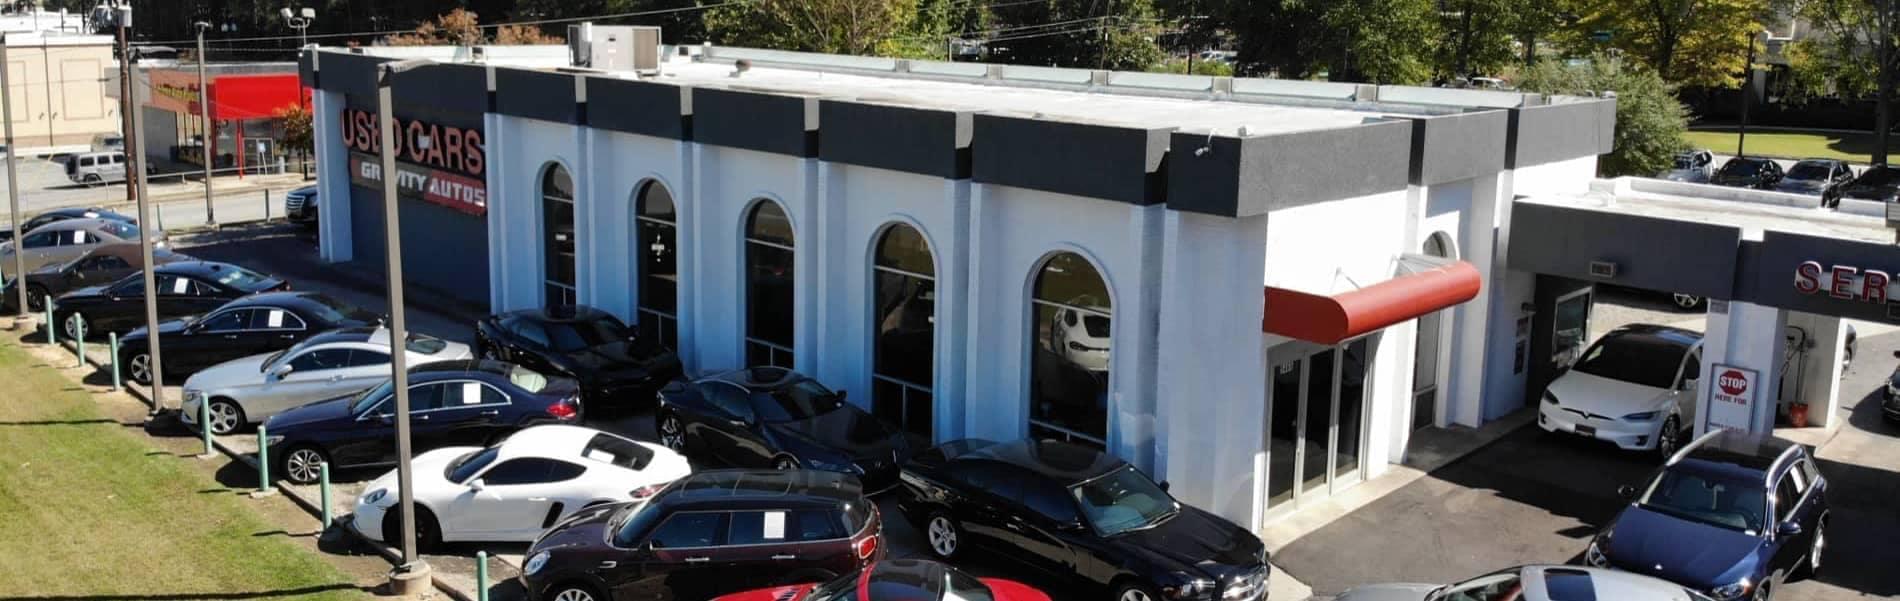 gravity autos atlanta dealership building